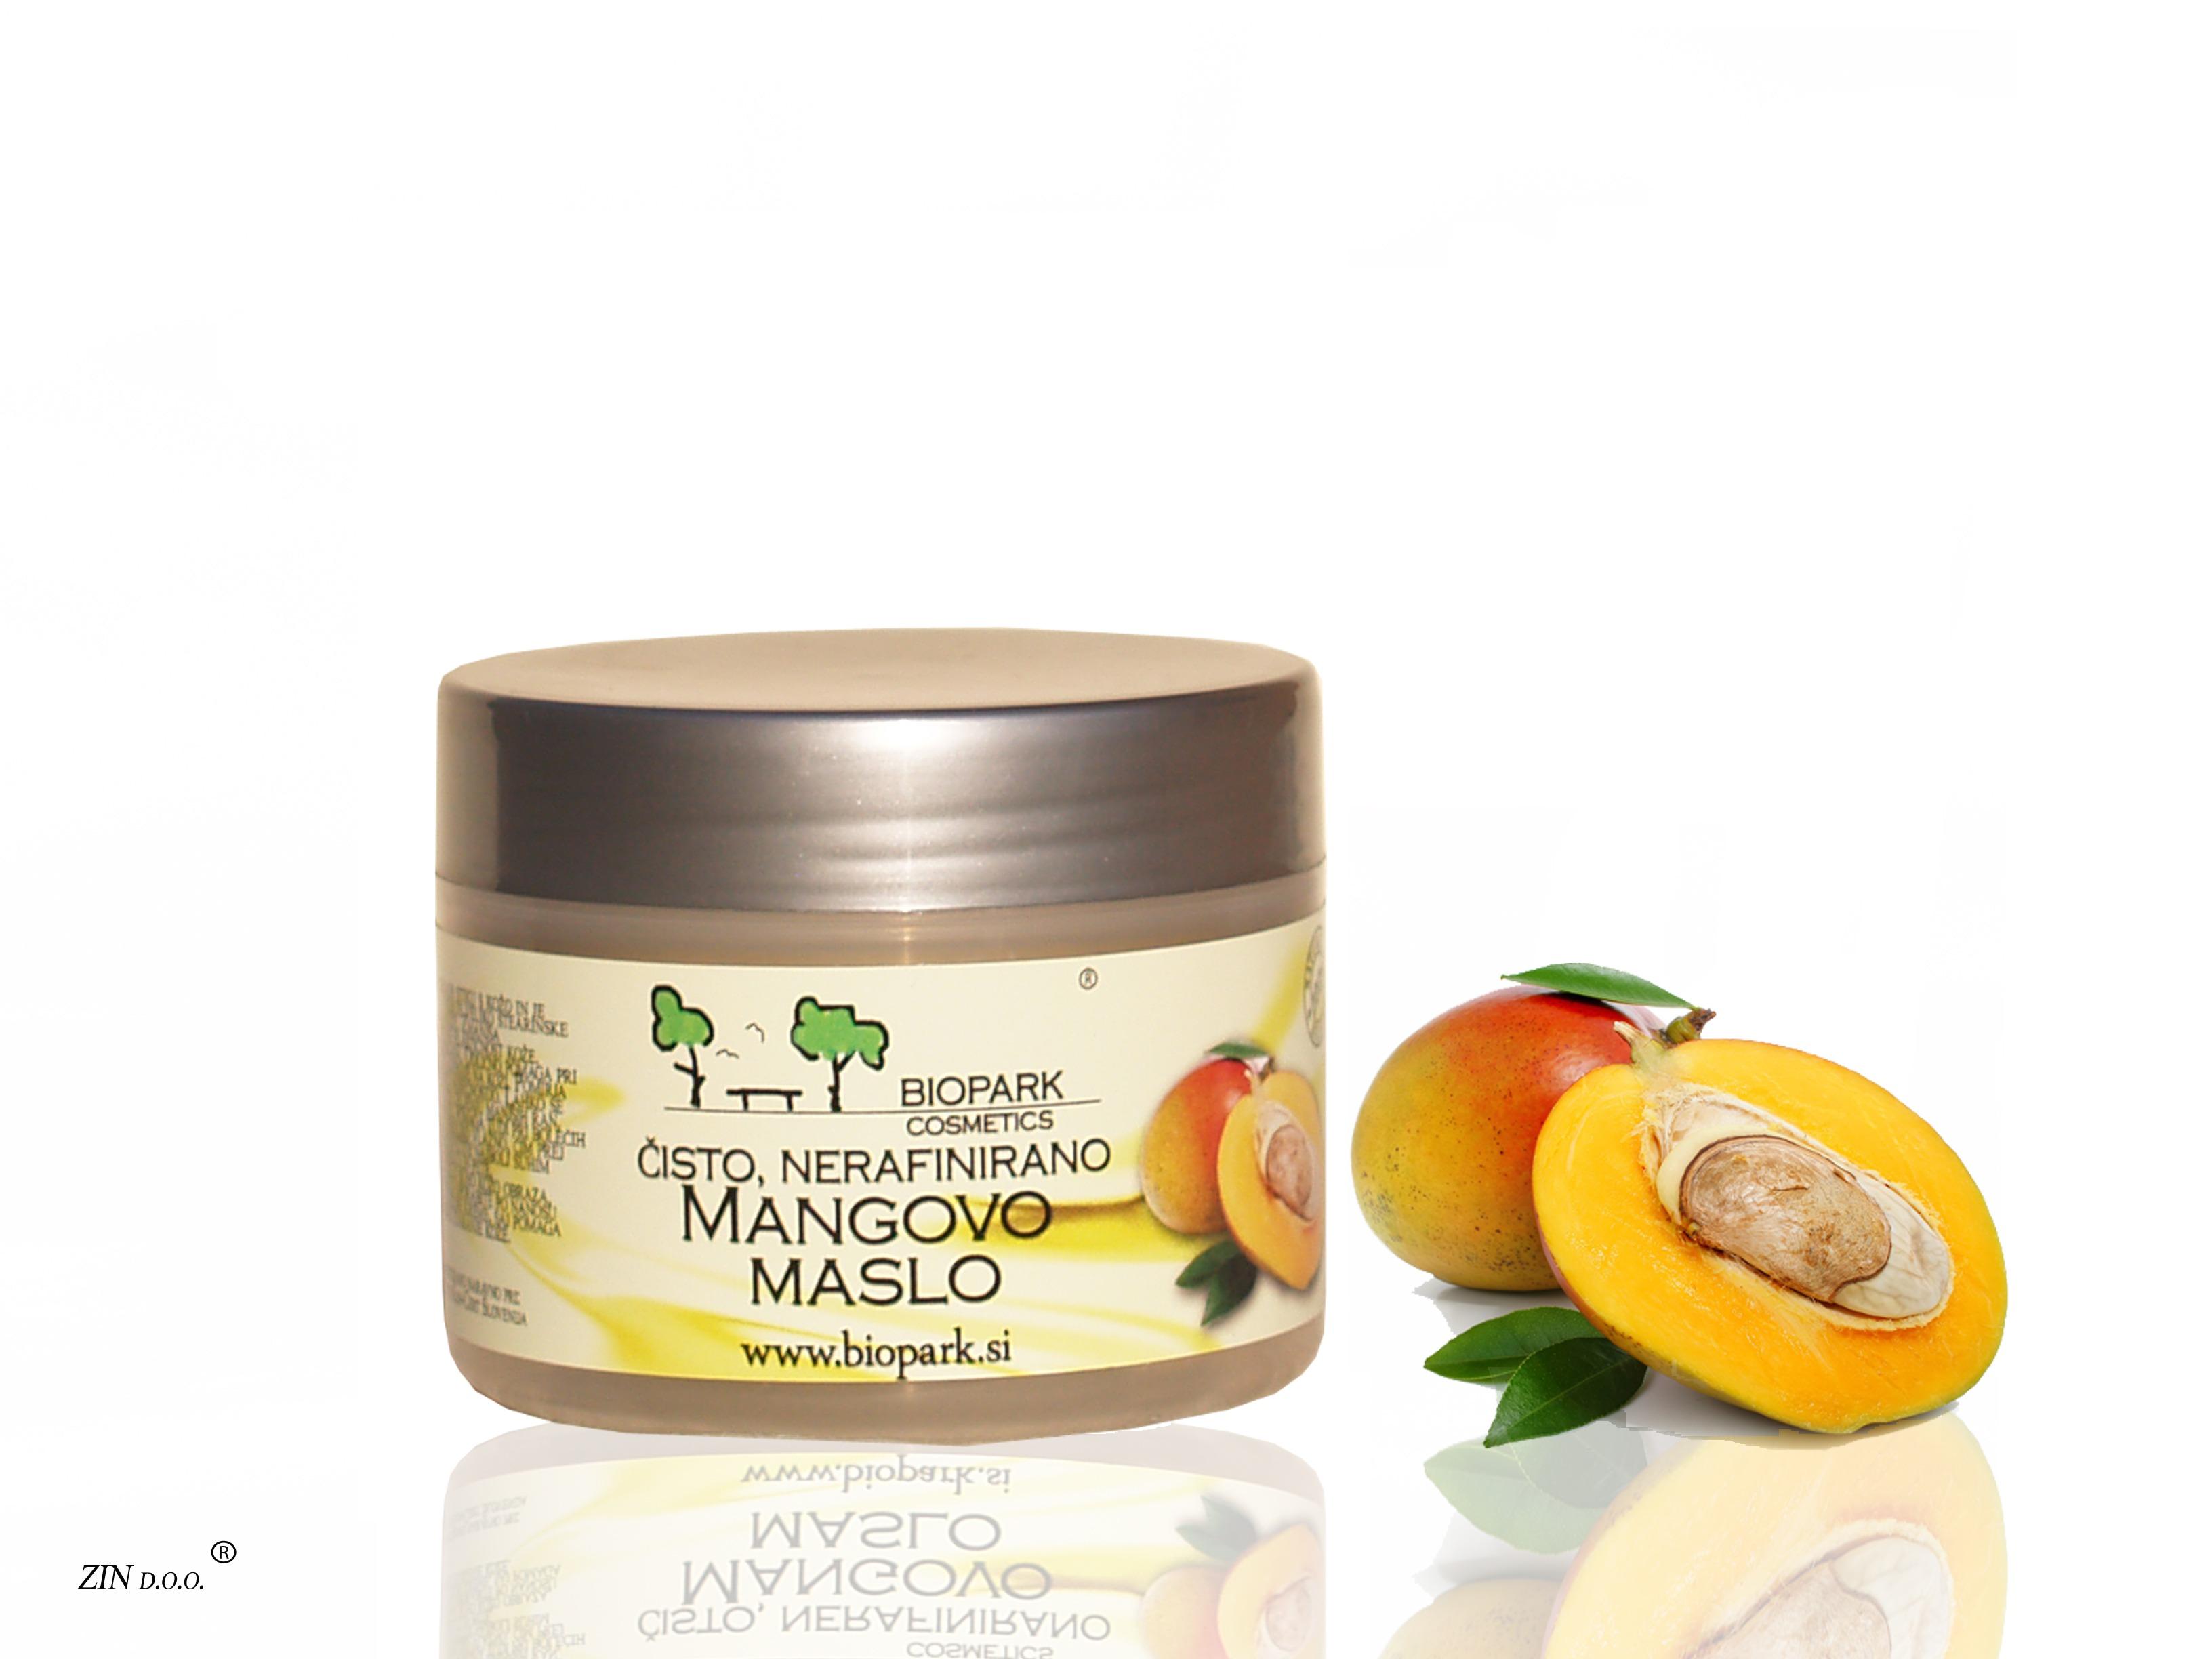 Mango maslo 2020 002